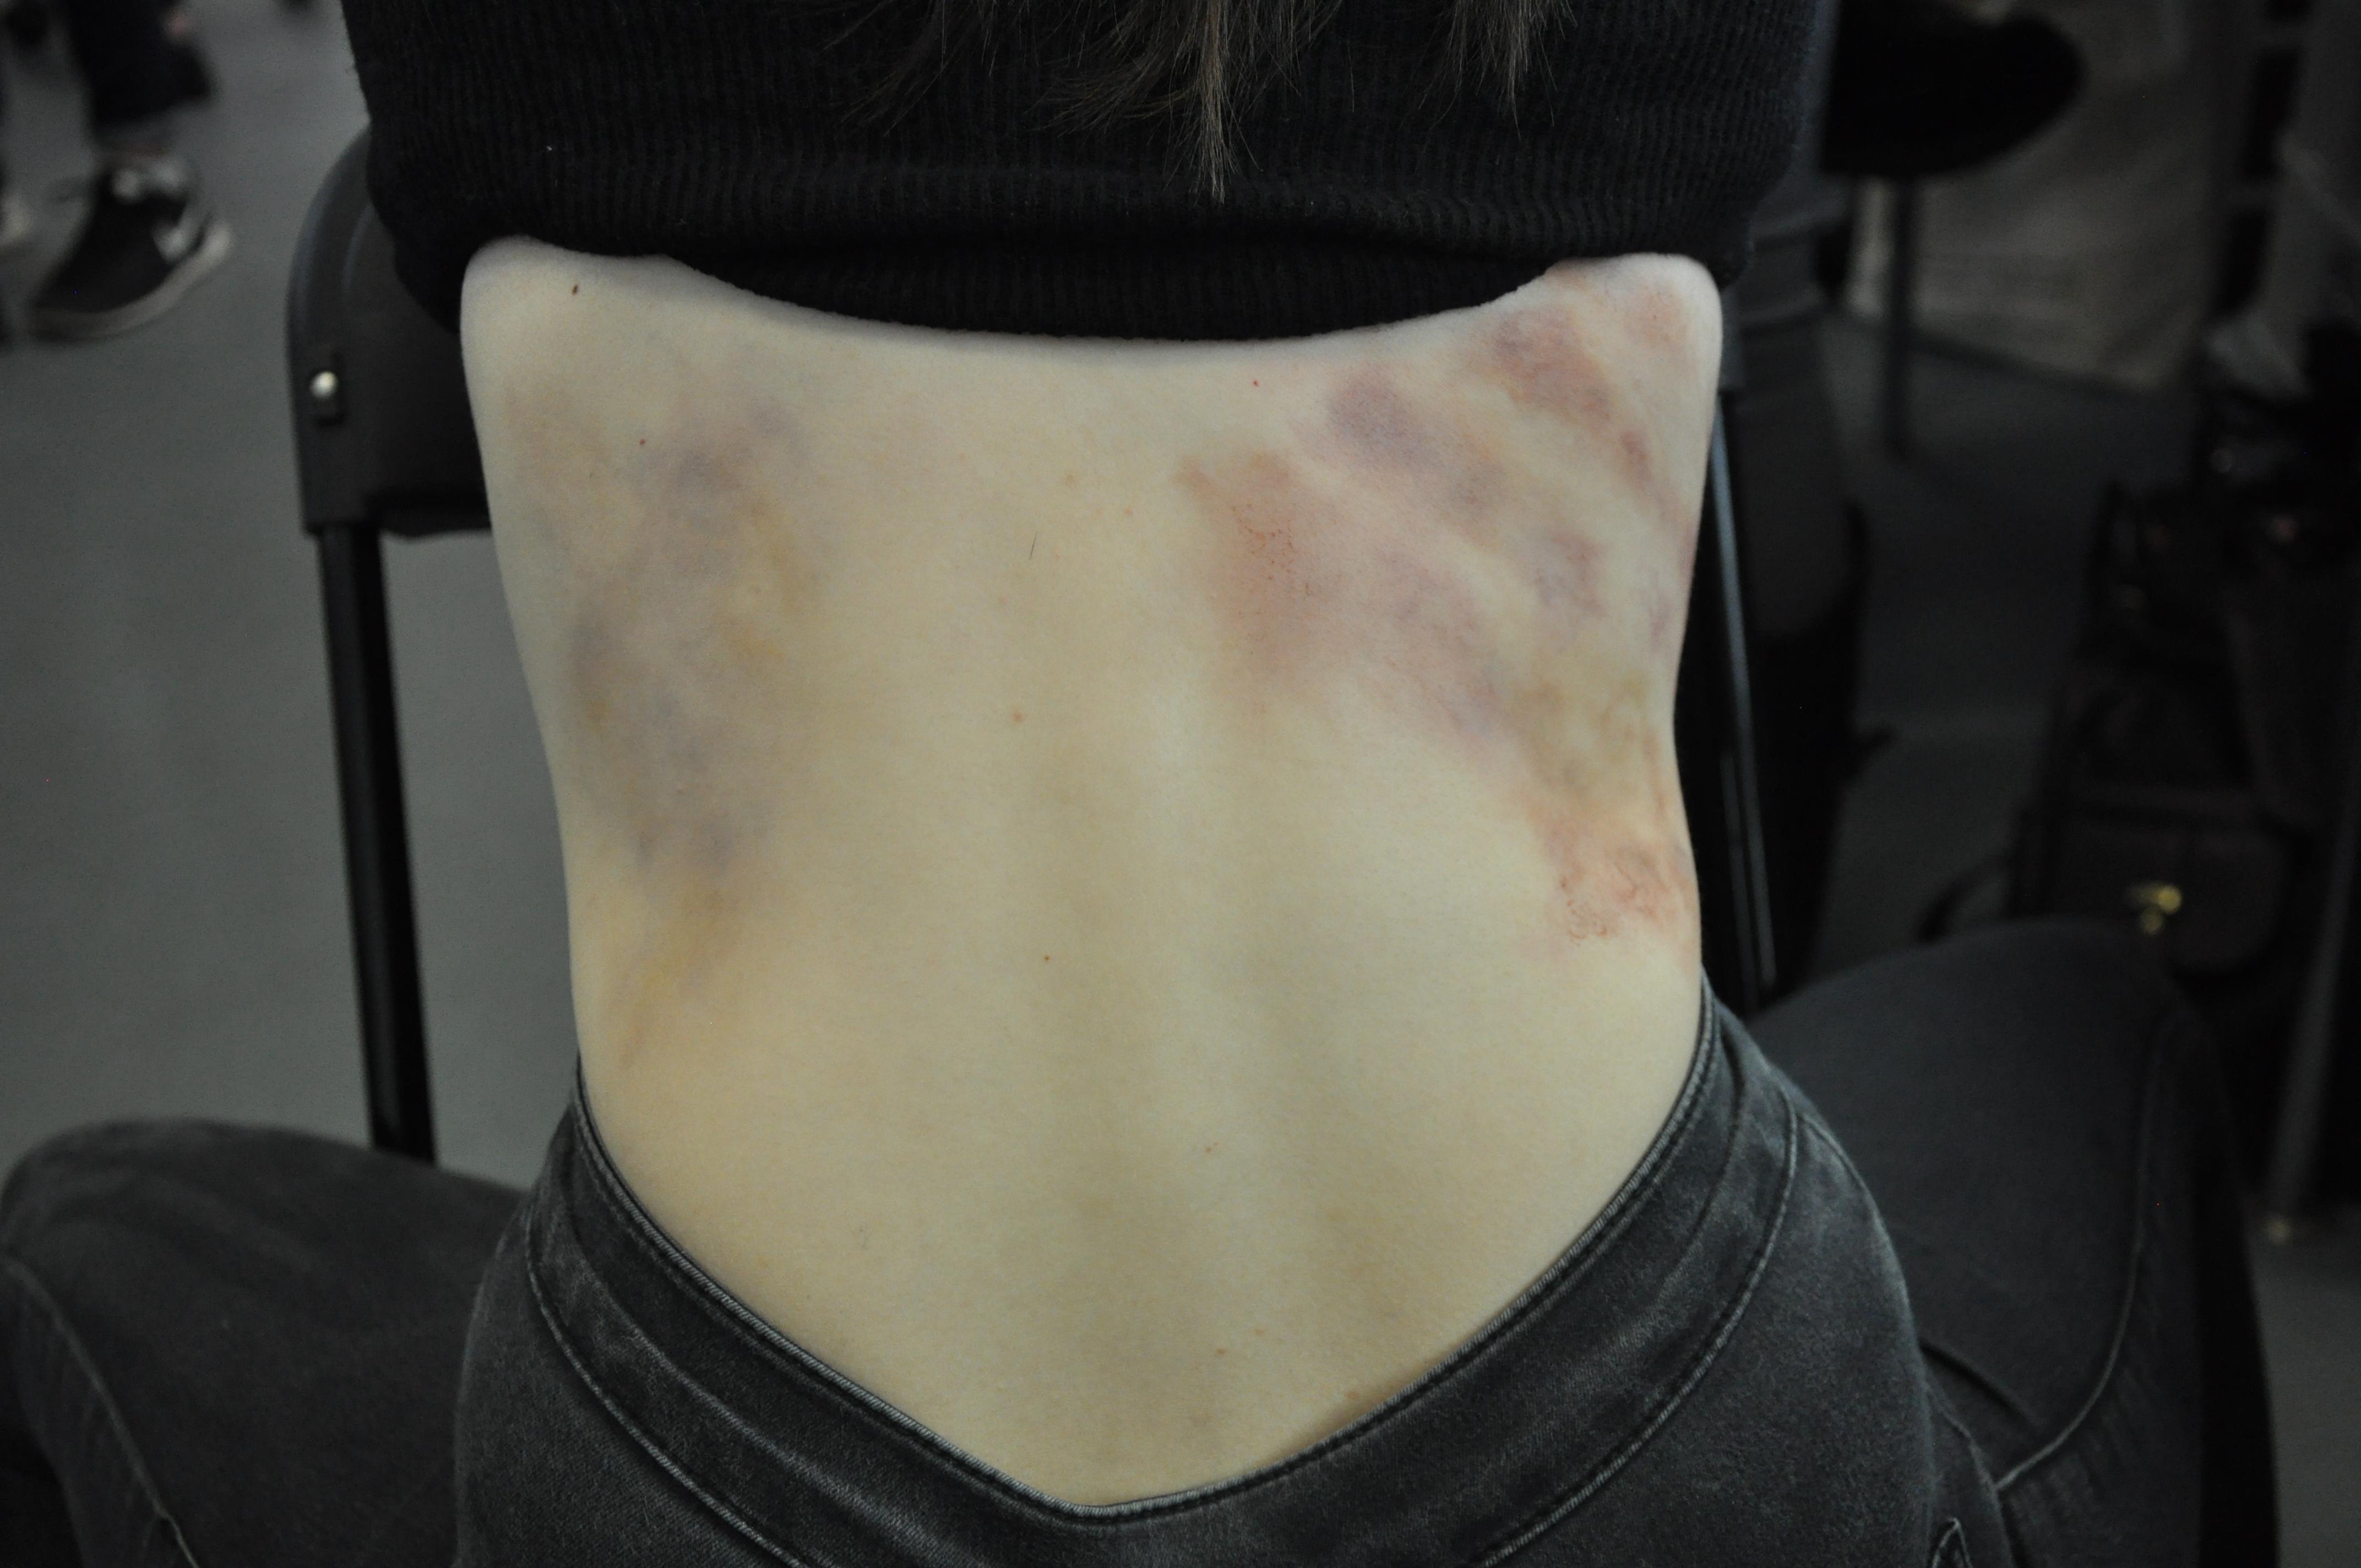 Body Bruising